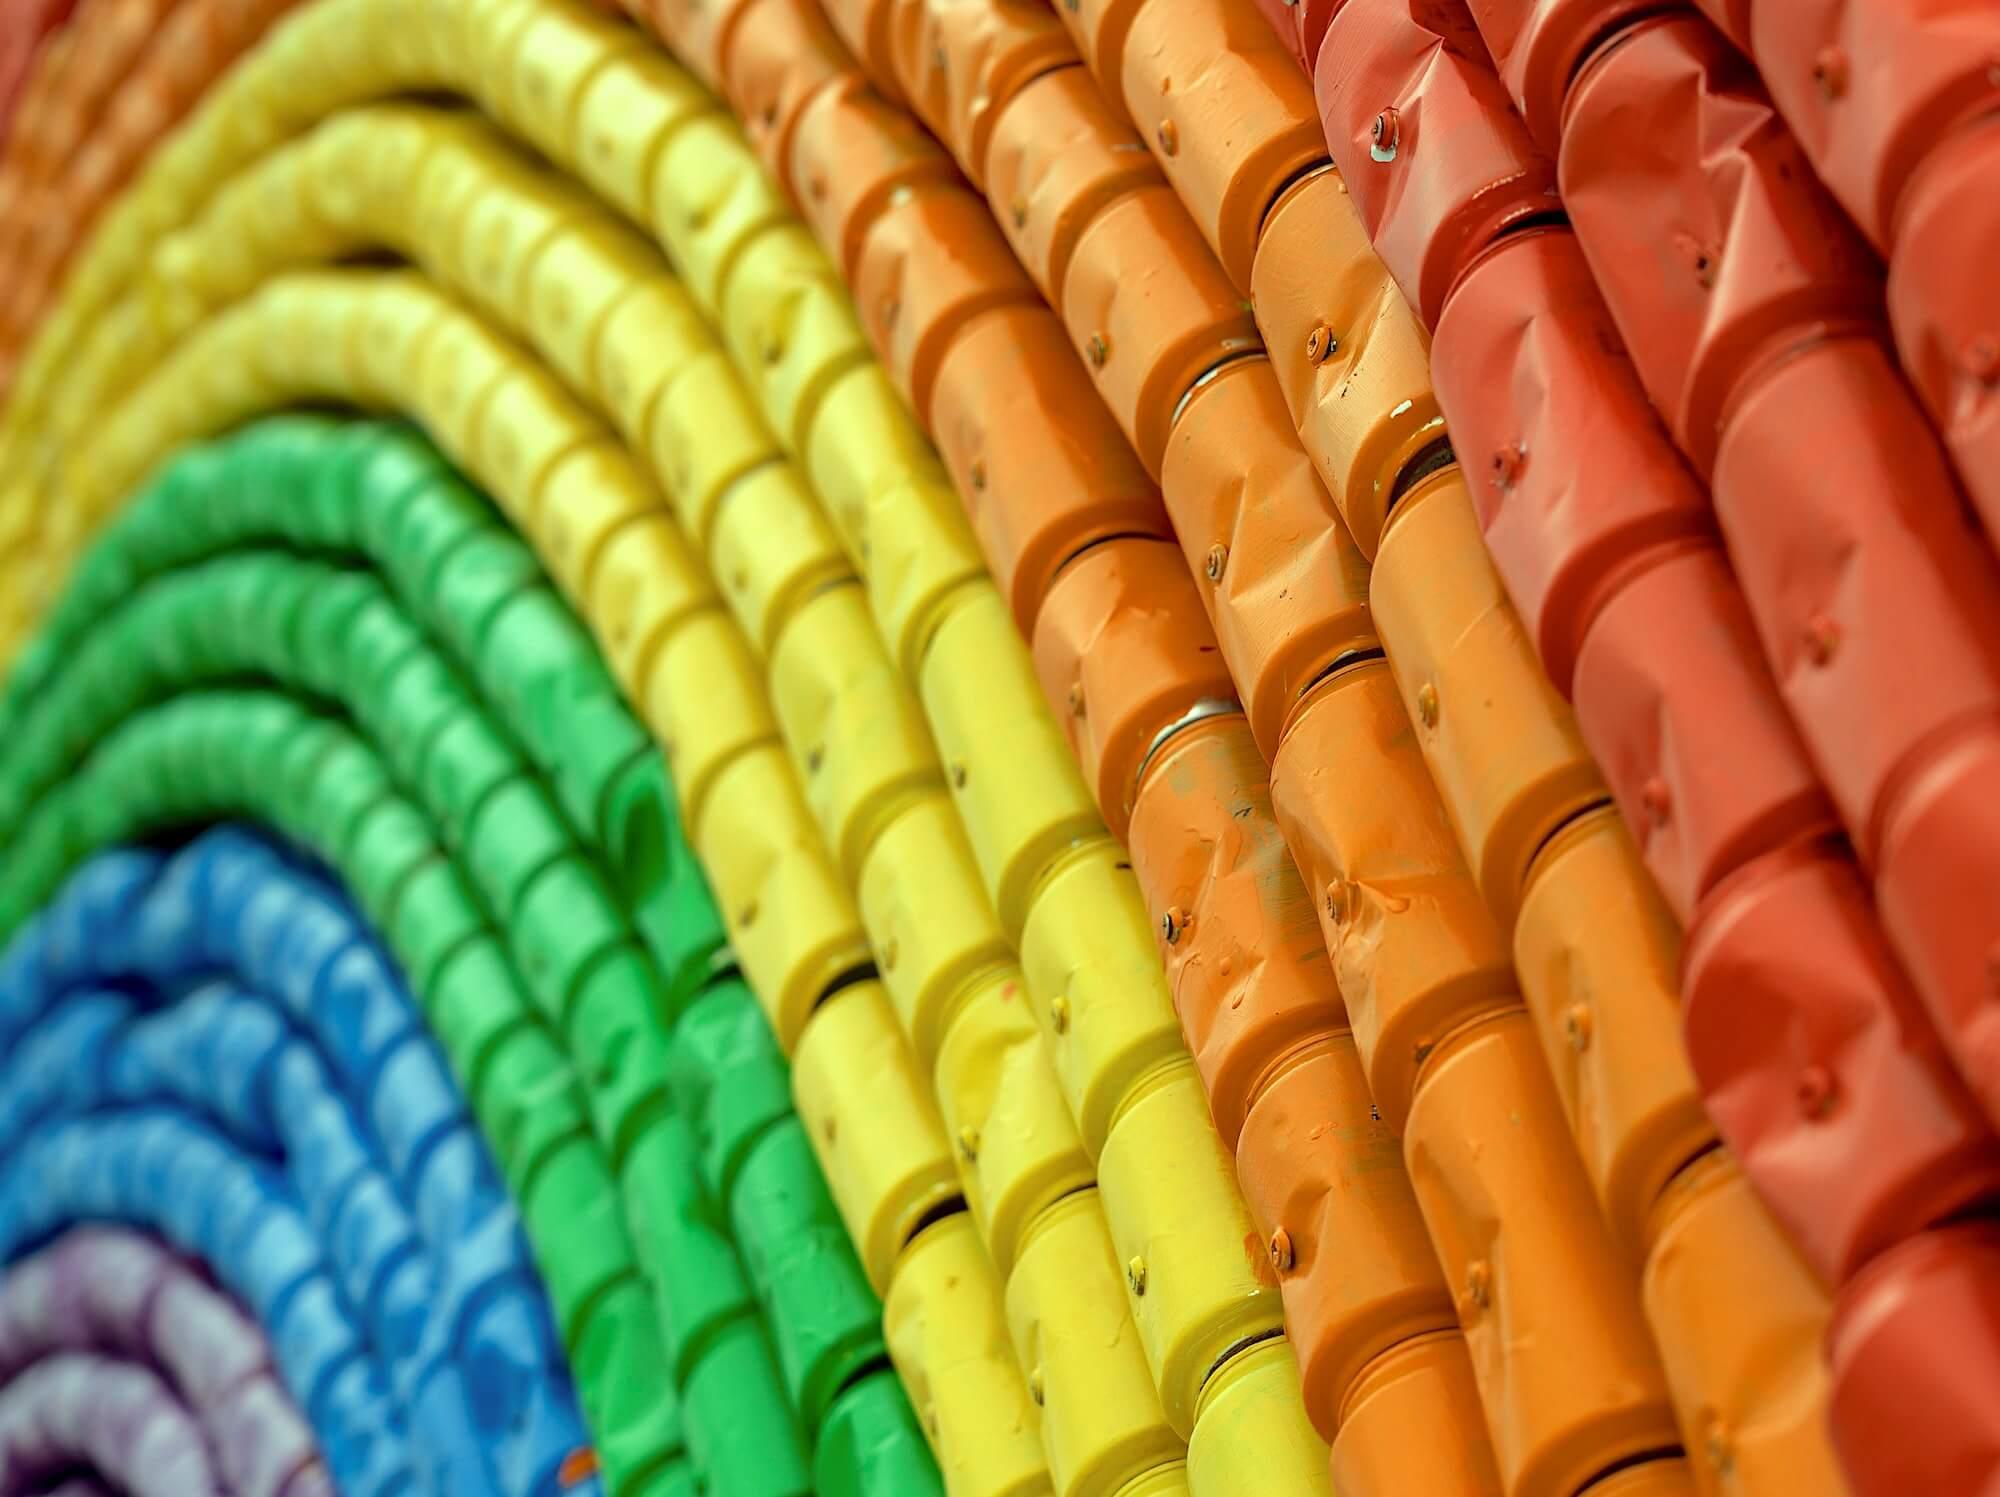 Фотография: Nick Fewings. Источник: Unsplash.com